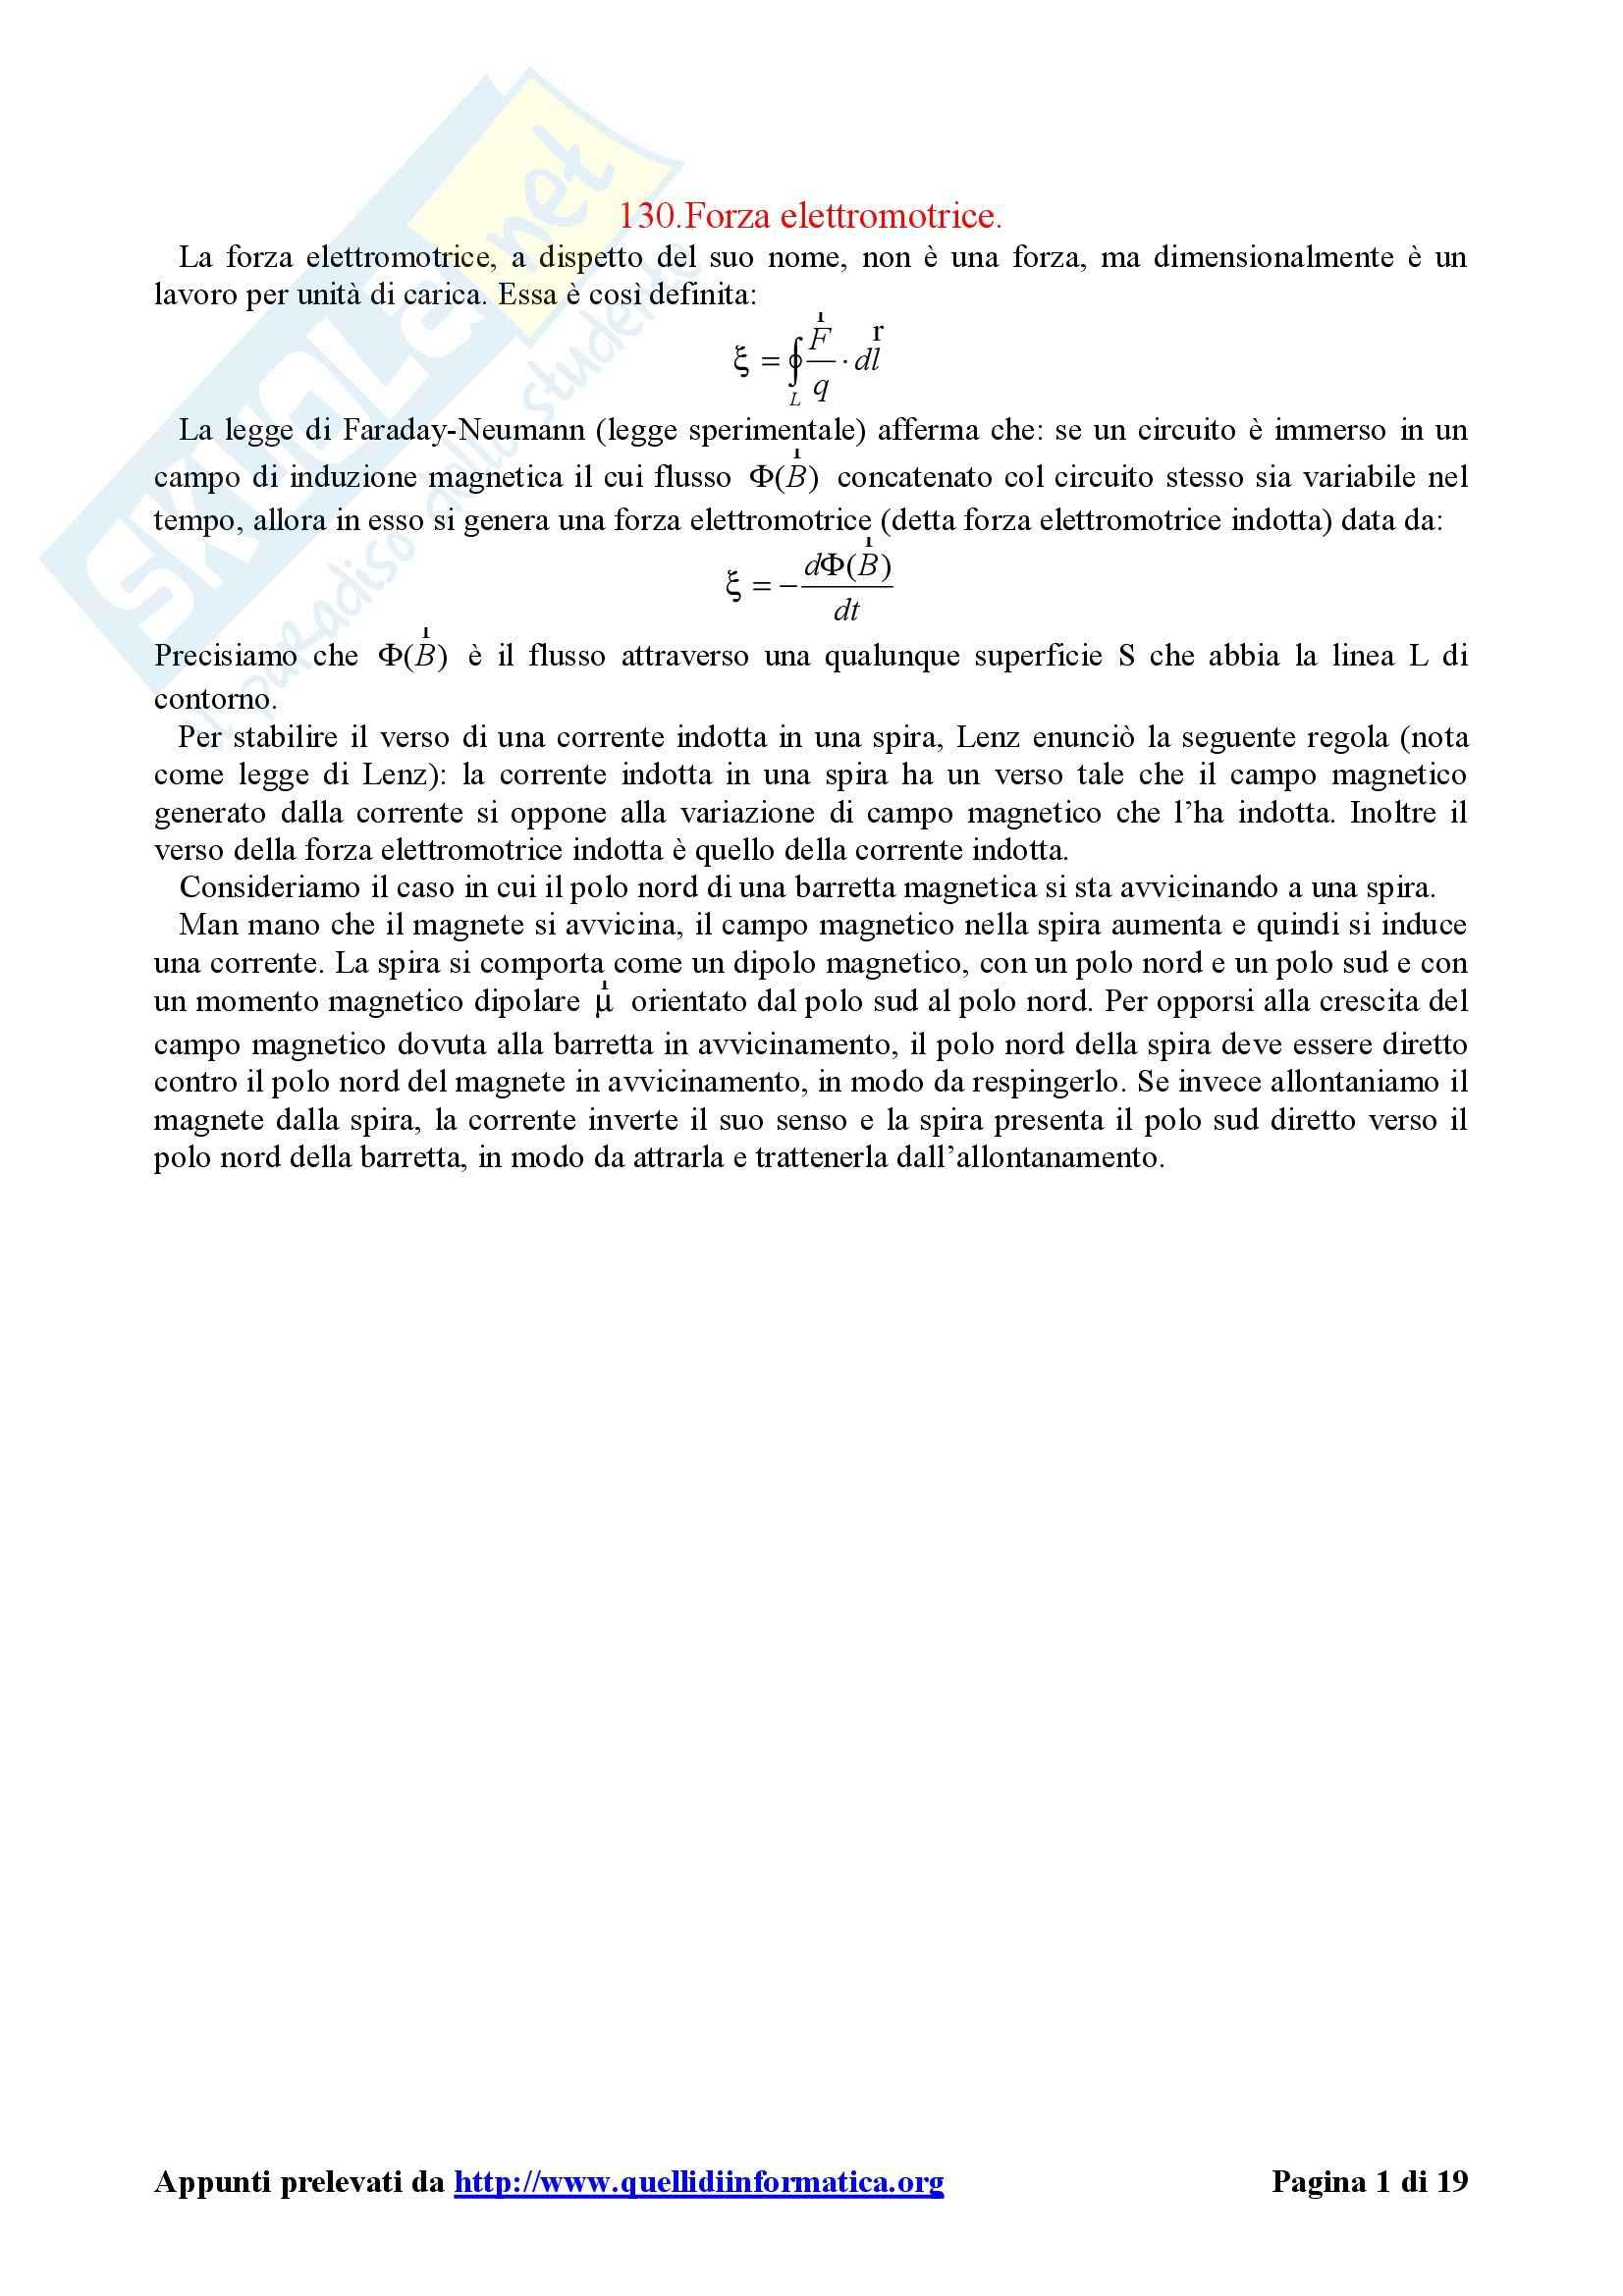 Fisica II - appunti del corso - capitolo 9